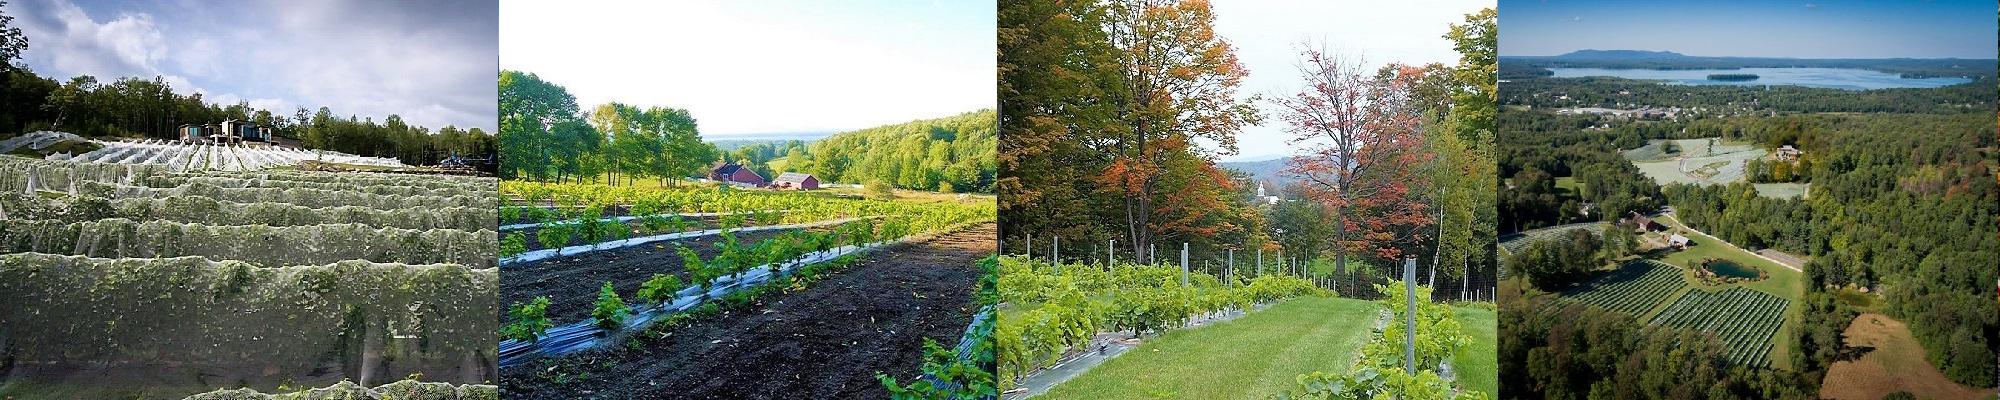 Oenotourisme ,vindici ,vignoble du Ruisseau ,Sud du Québec ,visite de vignoble ,